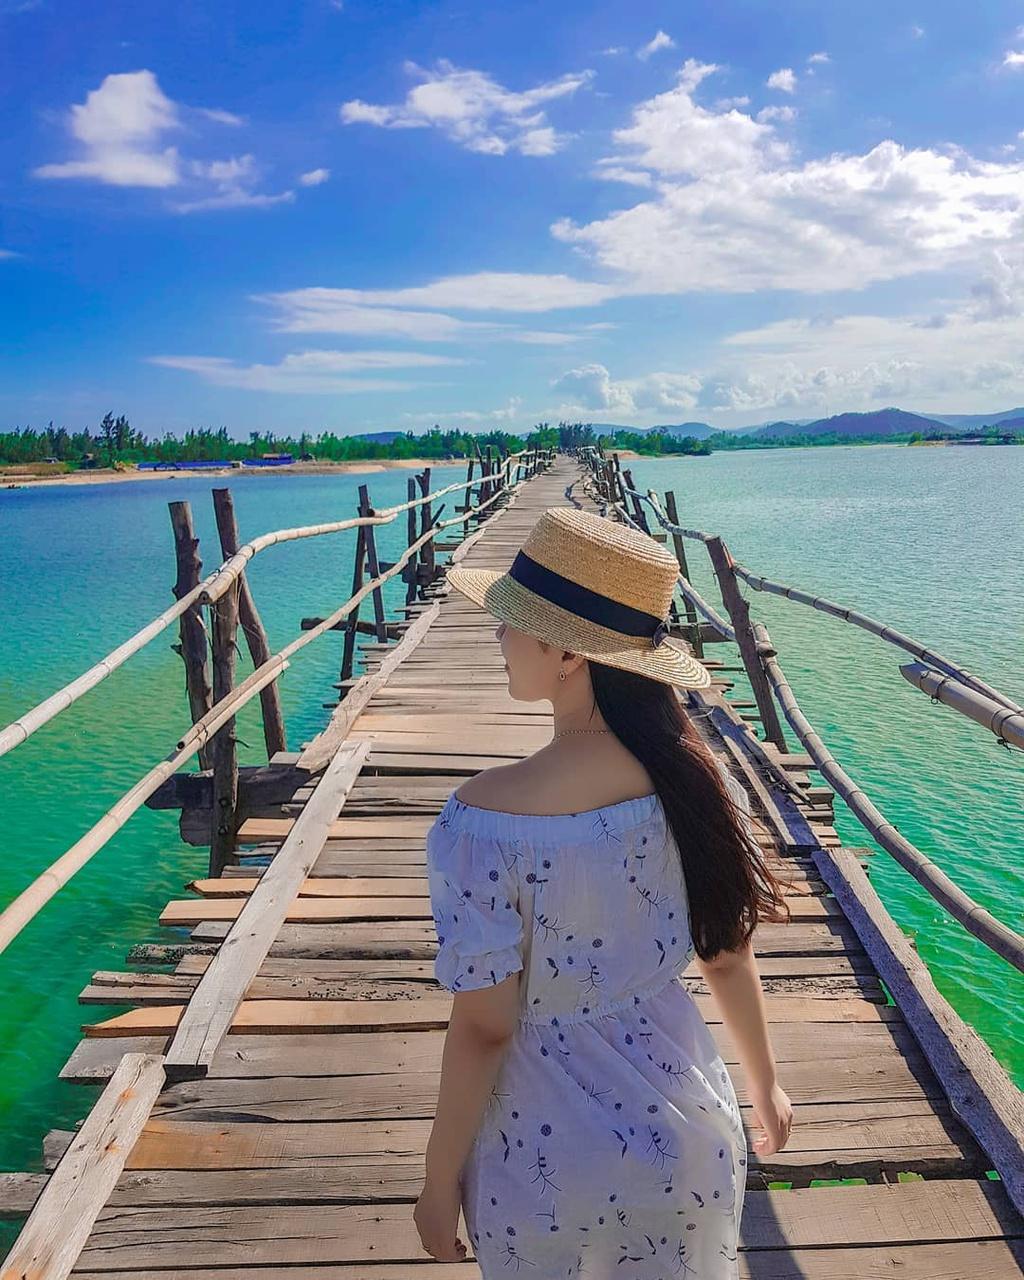 Với chiều dài khoảng 400 m, bắc qua sông Phú Ngân, cầu Ông Cọp là cầu gỗ dài nhất Việt Nam. Cầu cũ đã bị gió bão đánh sập nhưng nay đã được xây dựng lại, mặt cầu ván gỗ, gồ ghề, khi đi xe máy cần đi chậm và cẩn thận. Ảnh: Thutram2110, theamazinghaianh.